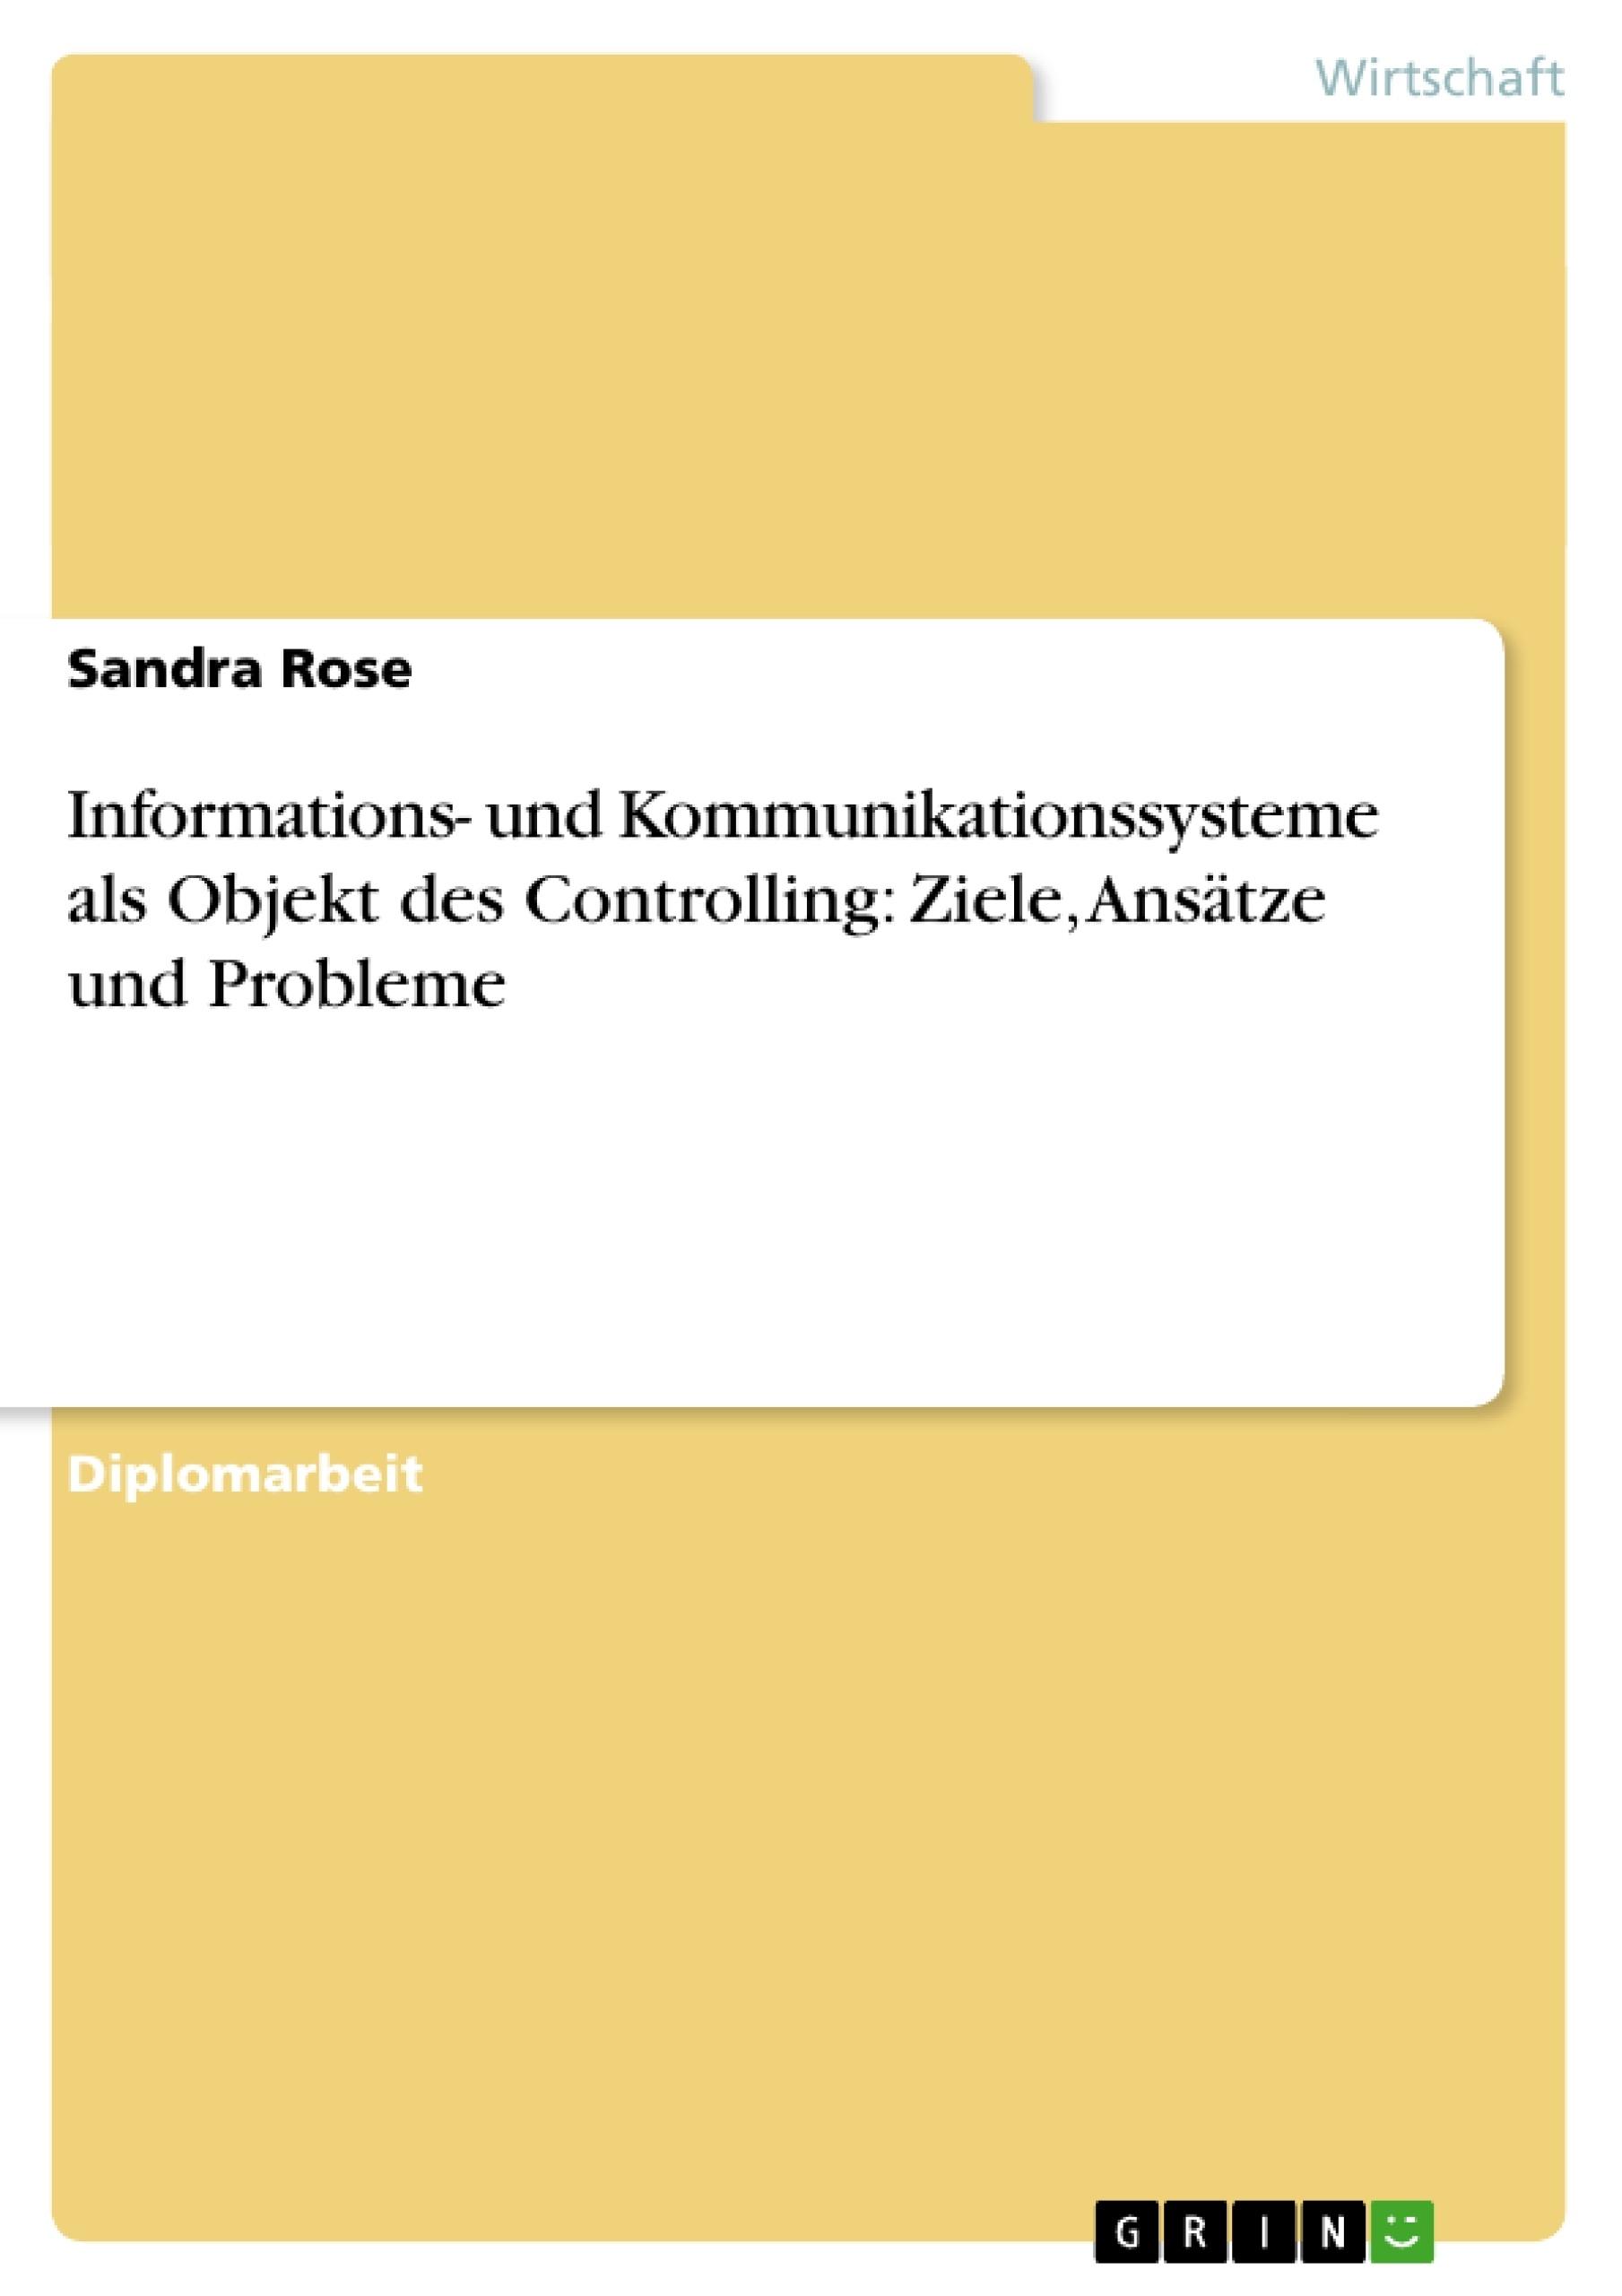 Titel: Informations- und Kommunikationssysteme als Objekt des Controlling: Ziele, Ansätze und Probleme